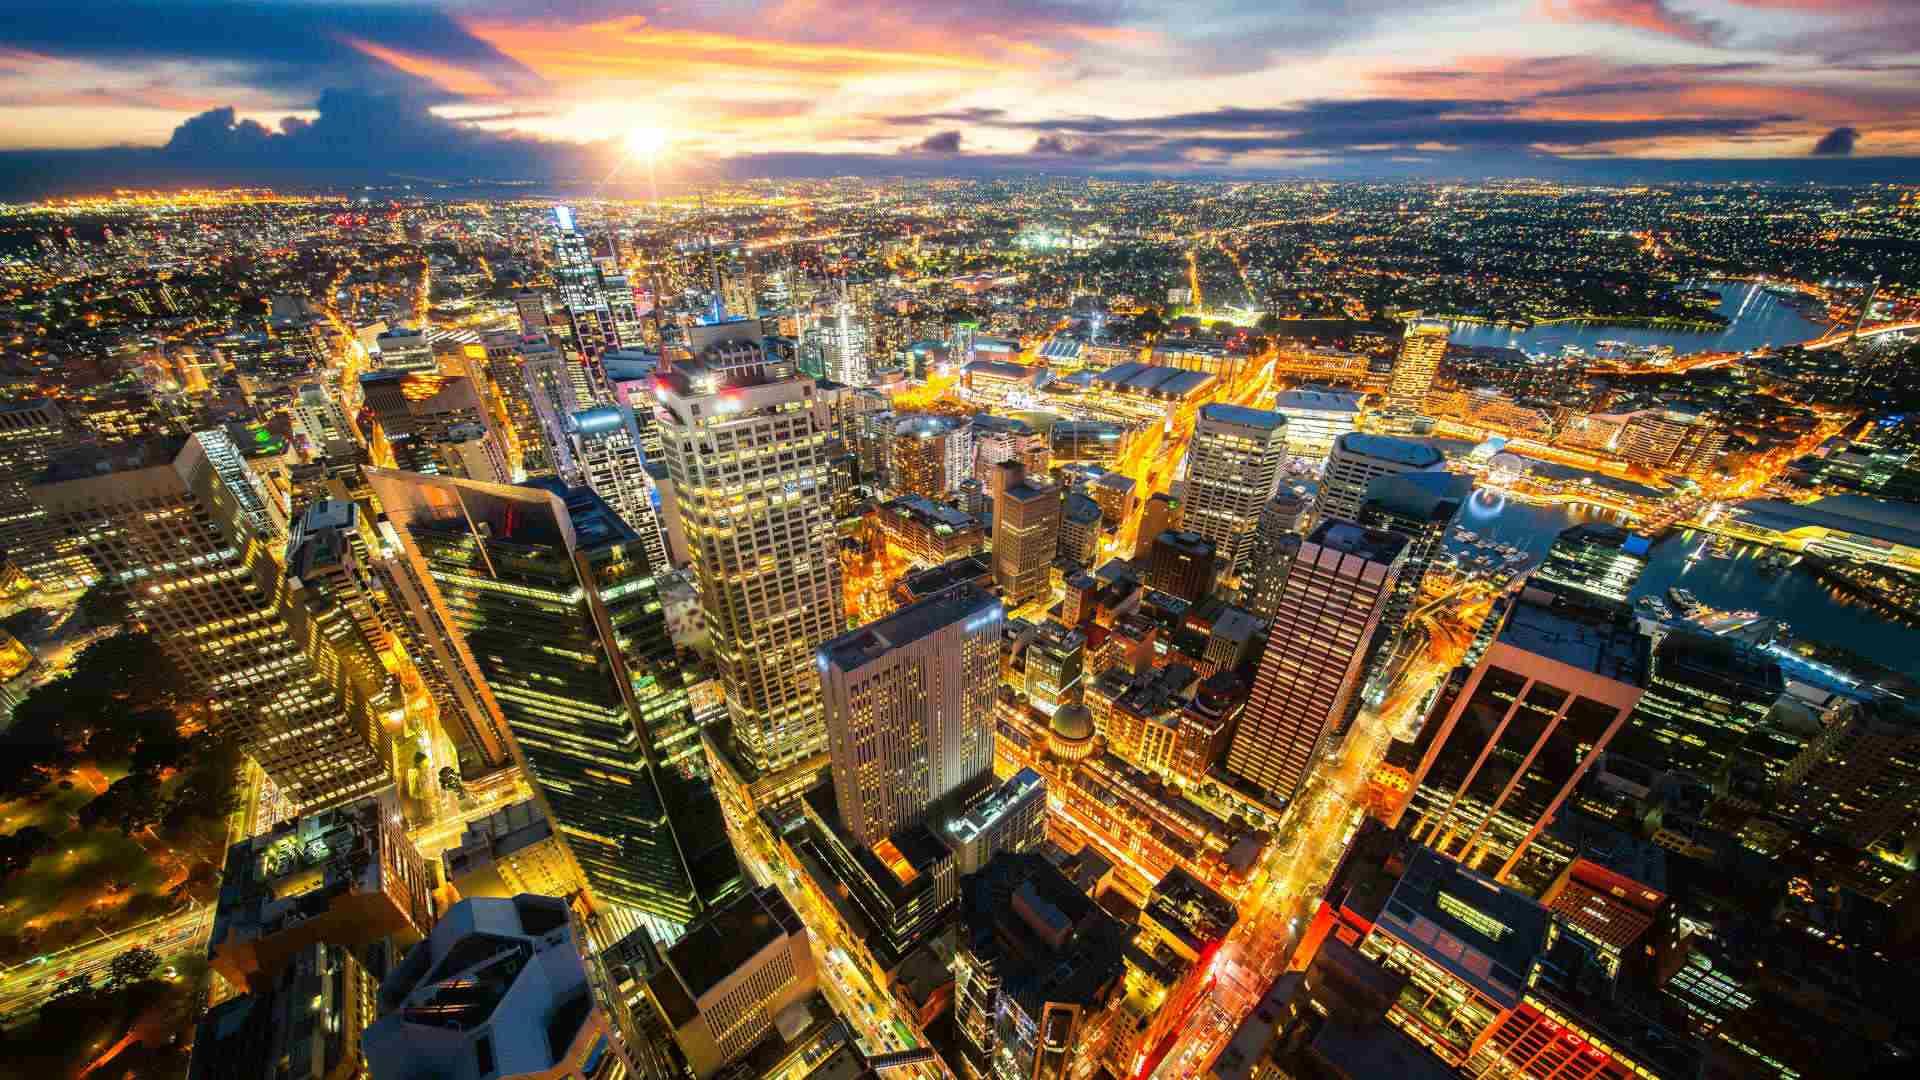 International instos keen on Sydney and Melbourne